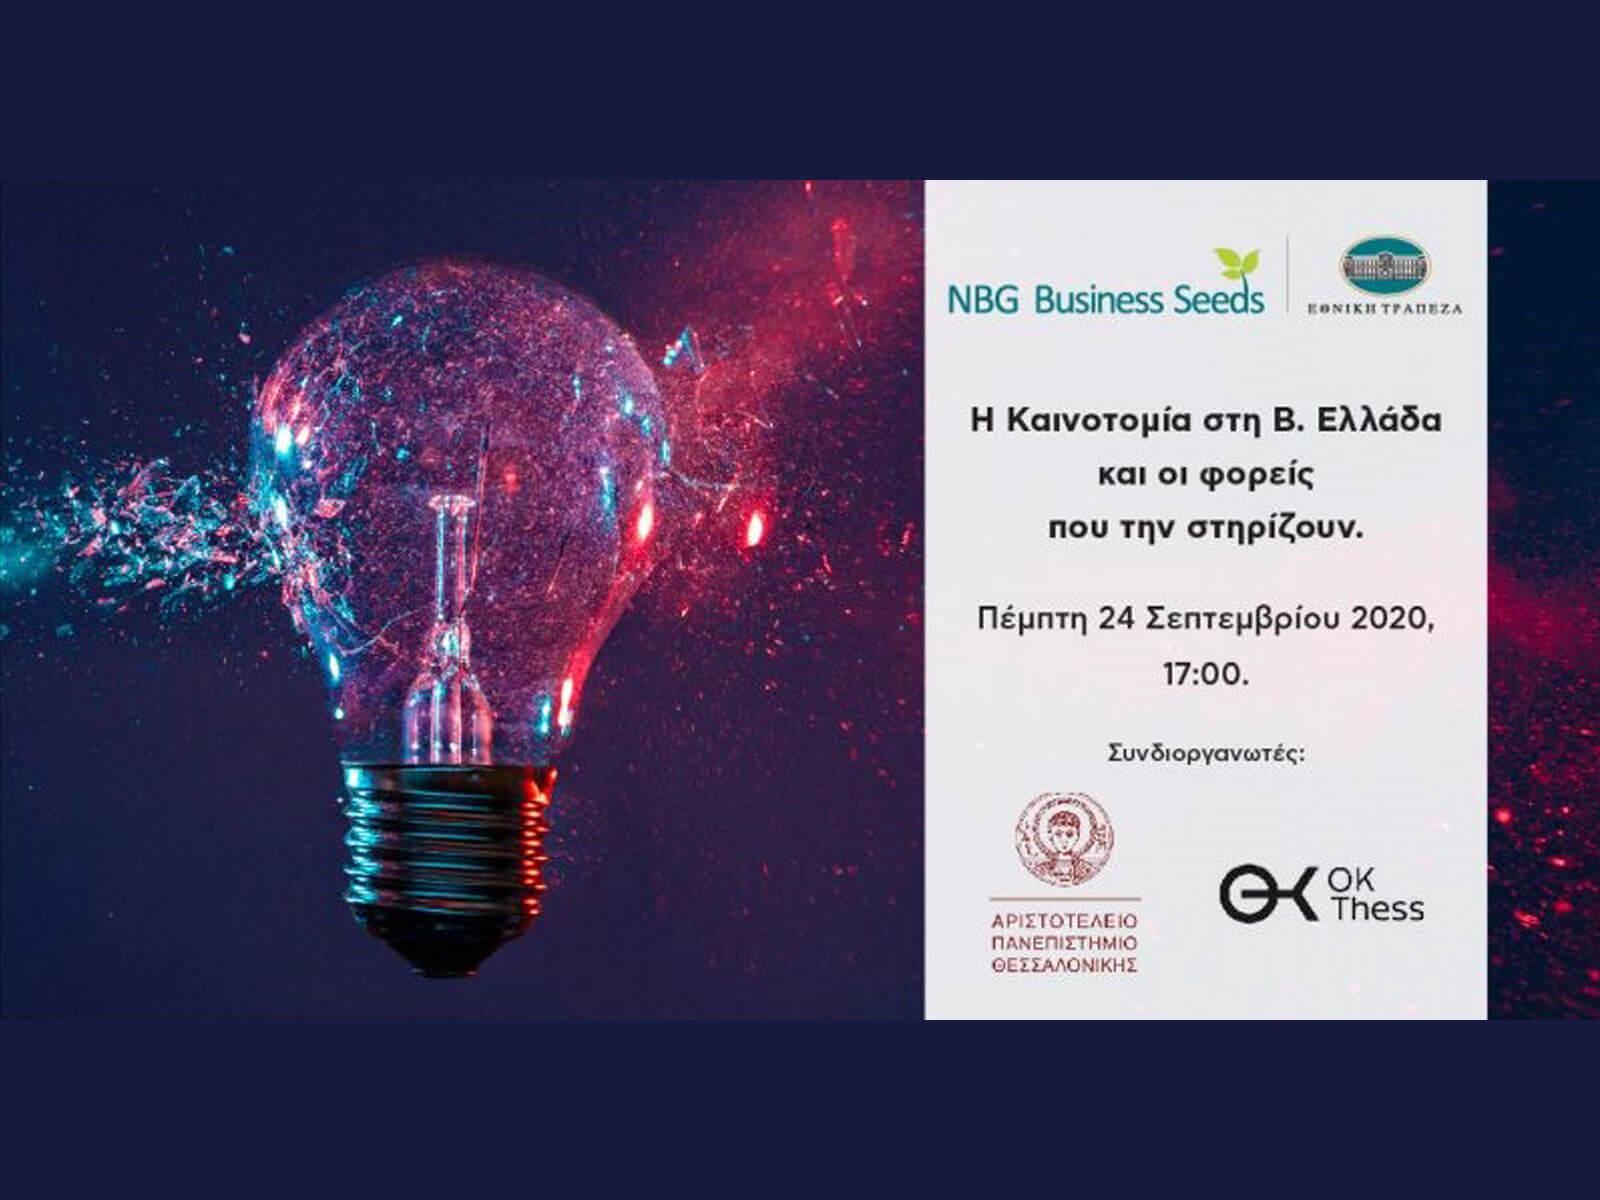 """Διαδικτυακή εκδήλωση """"Η καινοτομία στη Βόρεια Ελλάδα & οι φορείς που την στηρίζουν"""""""